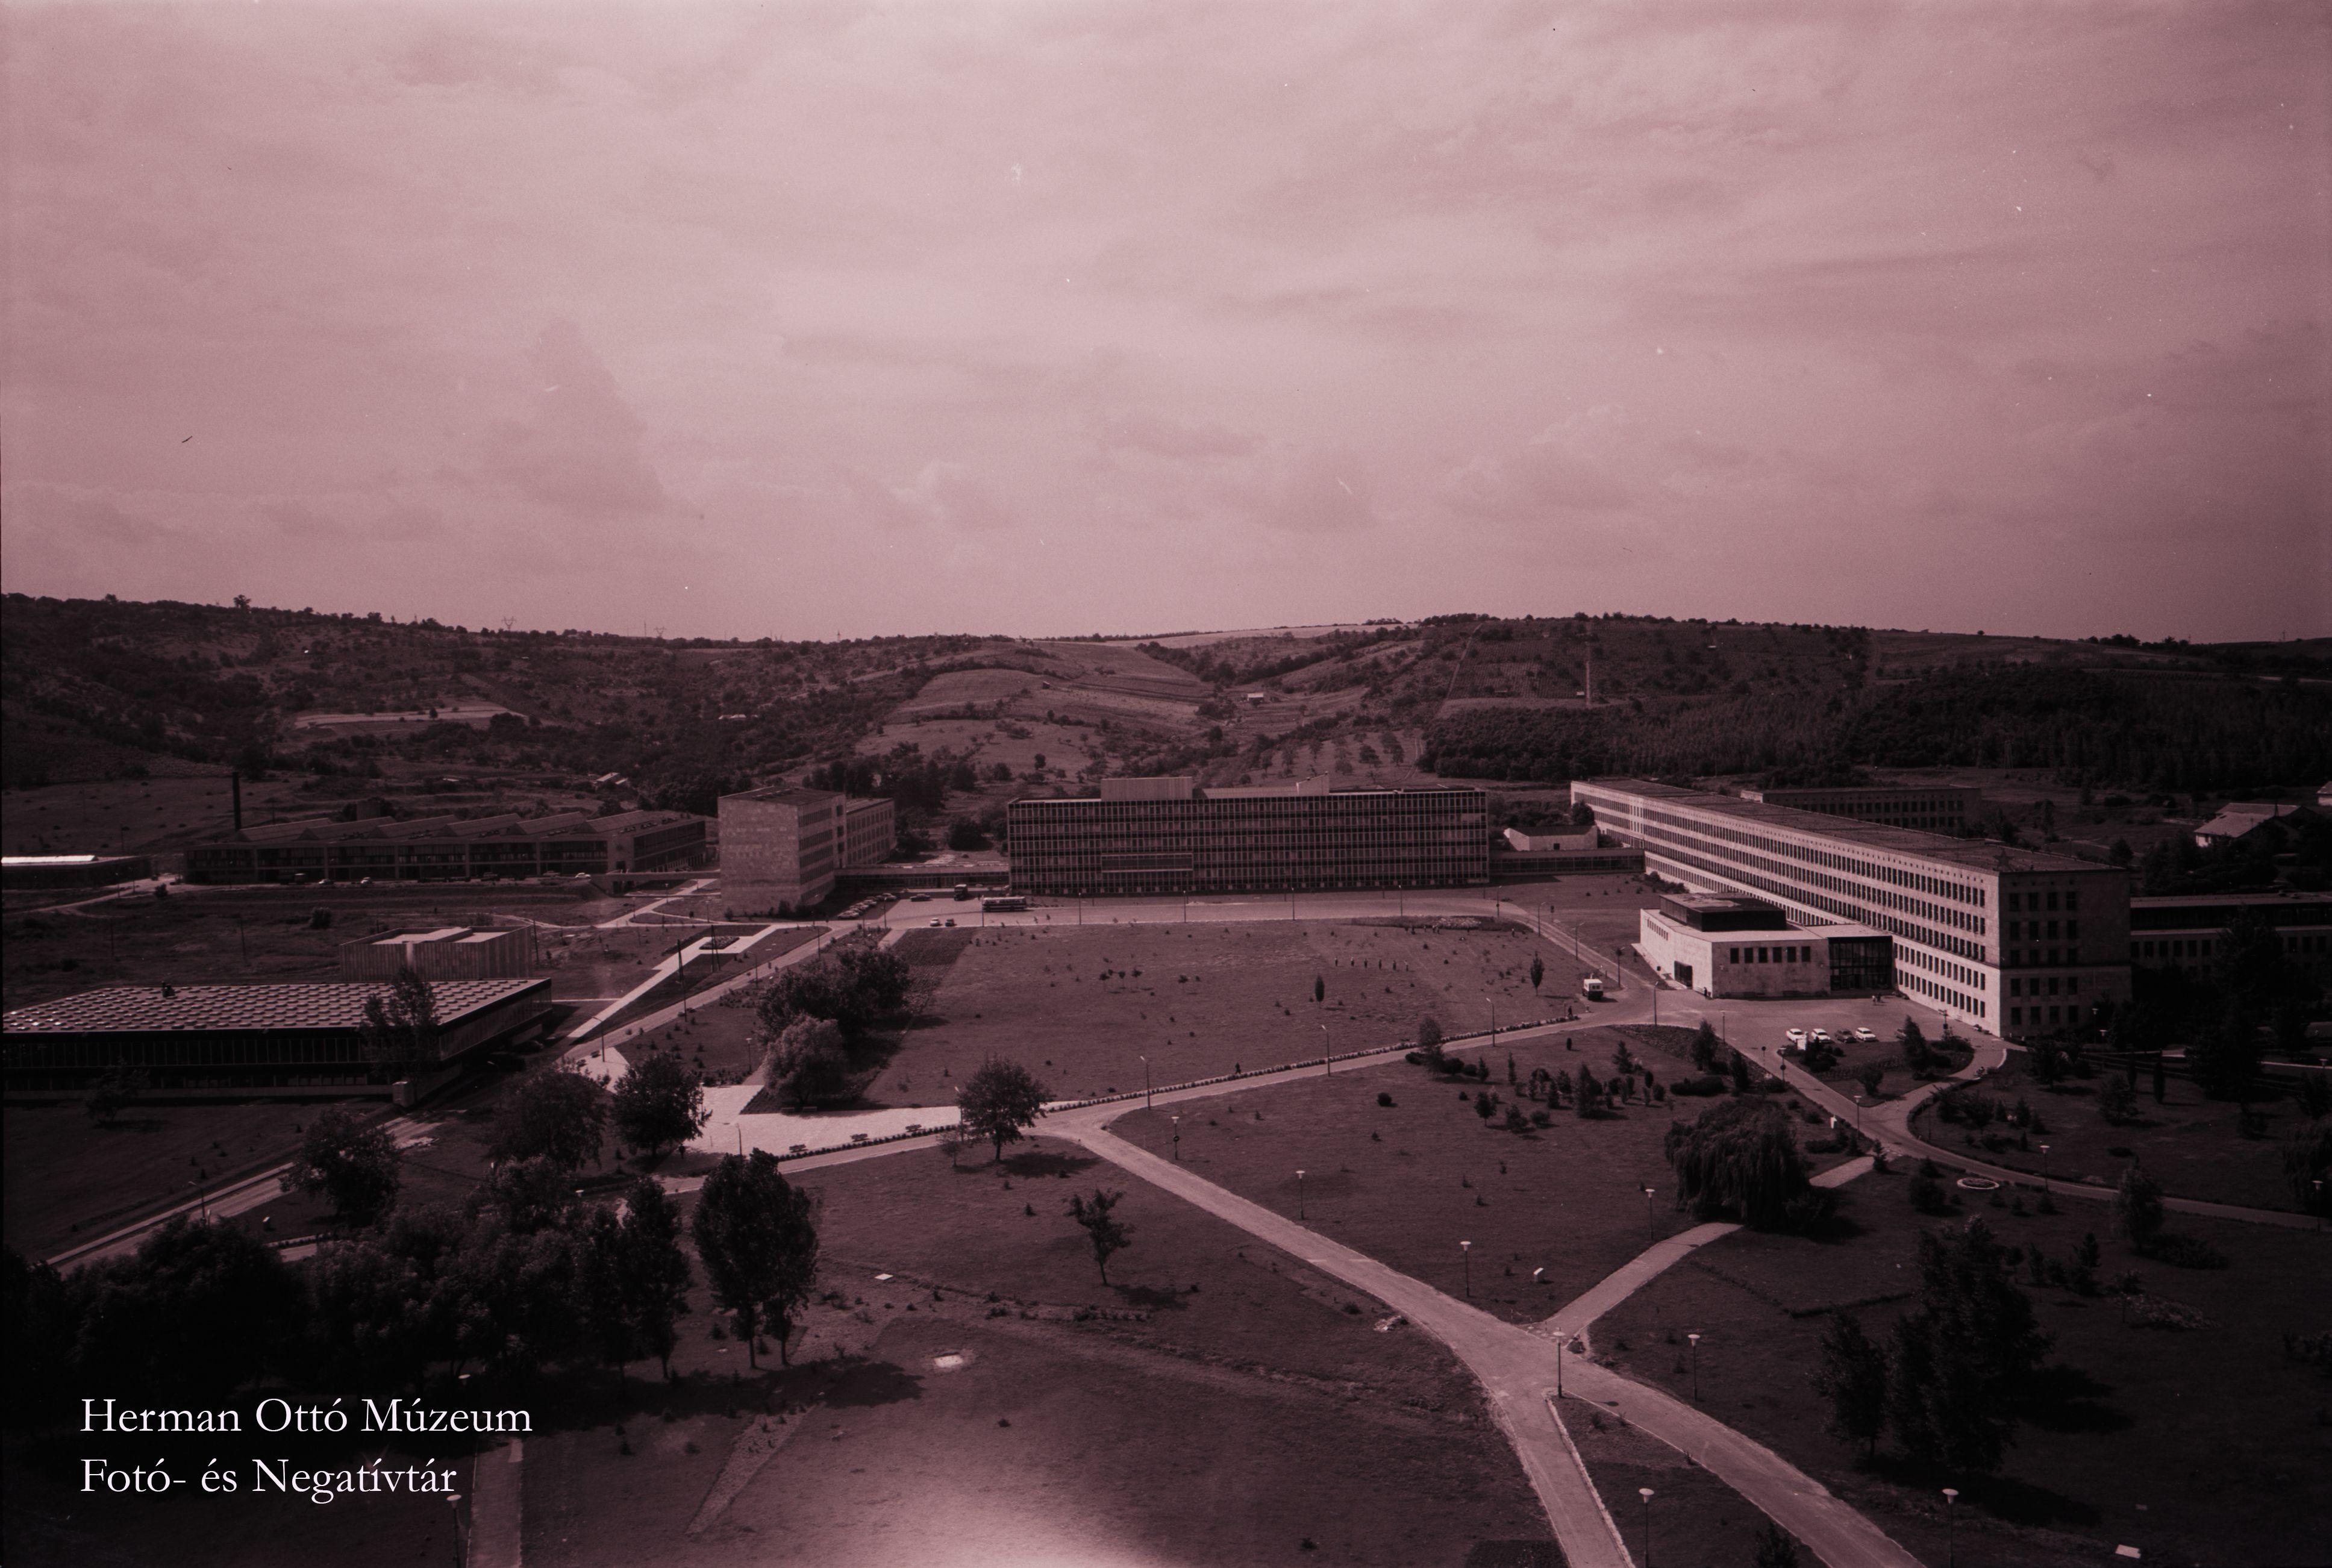 Herman Ottó Múzeum Fotó- és Negatívtára. Egyetemváros, panoráma. Szepsy Szűcs Levente, 1969. Leltári szám: HOM_FN_19506